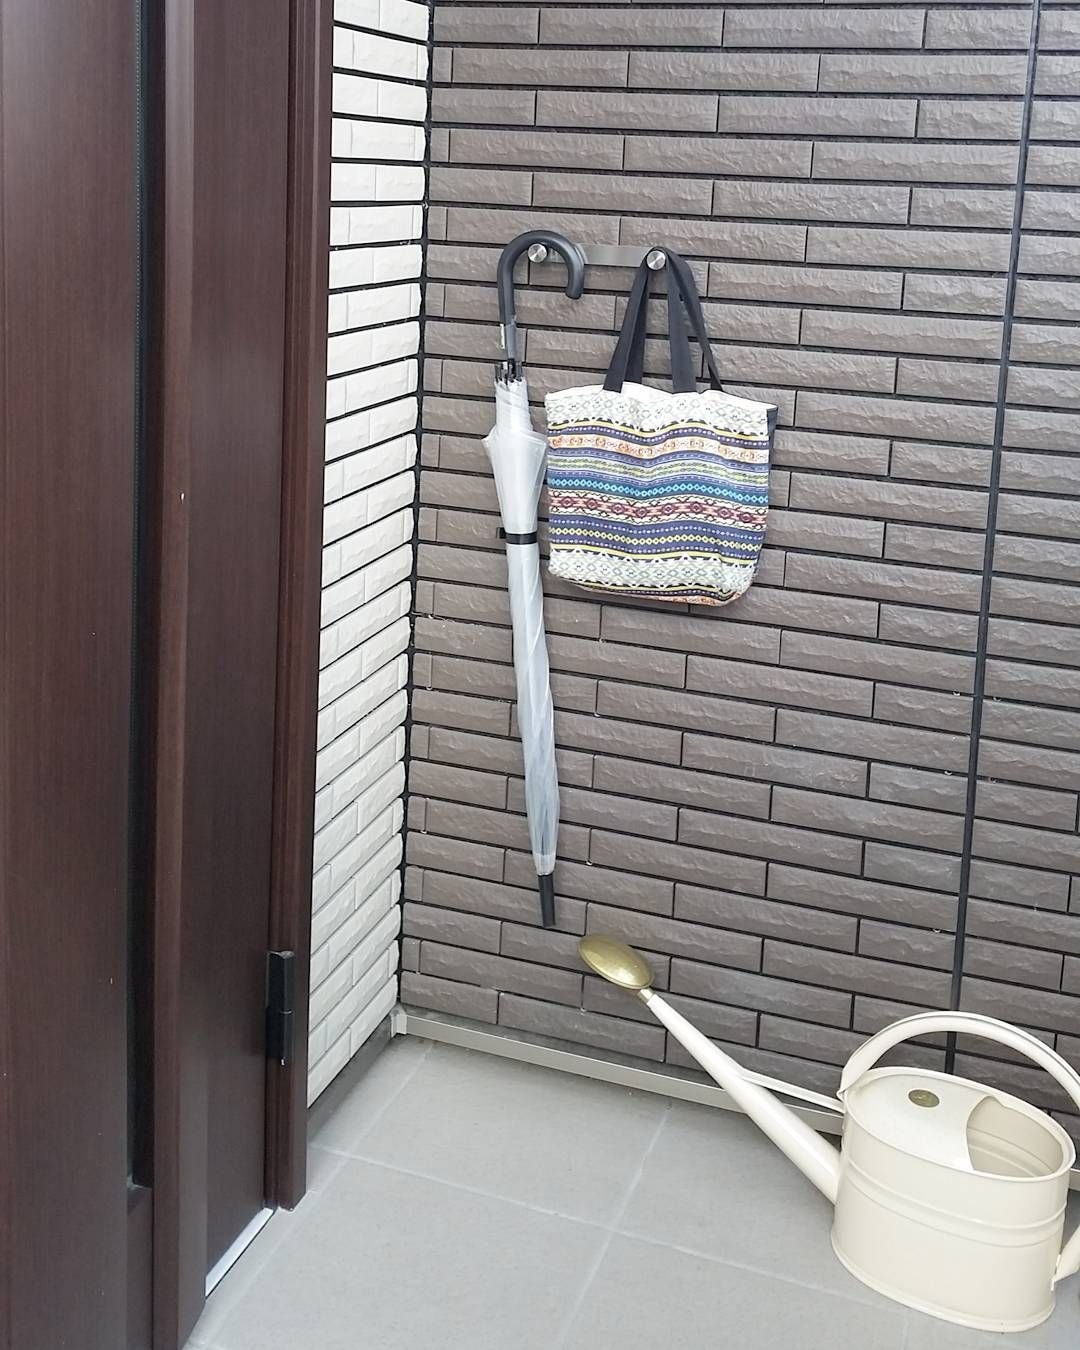 スマートな玄関に変身 かさばる 傘 の収納術15選 玄関 フック